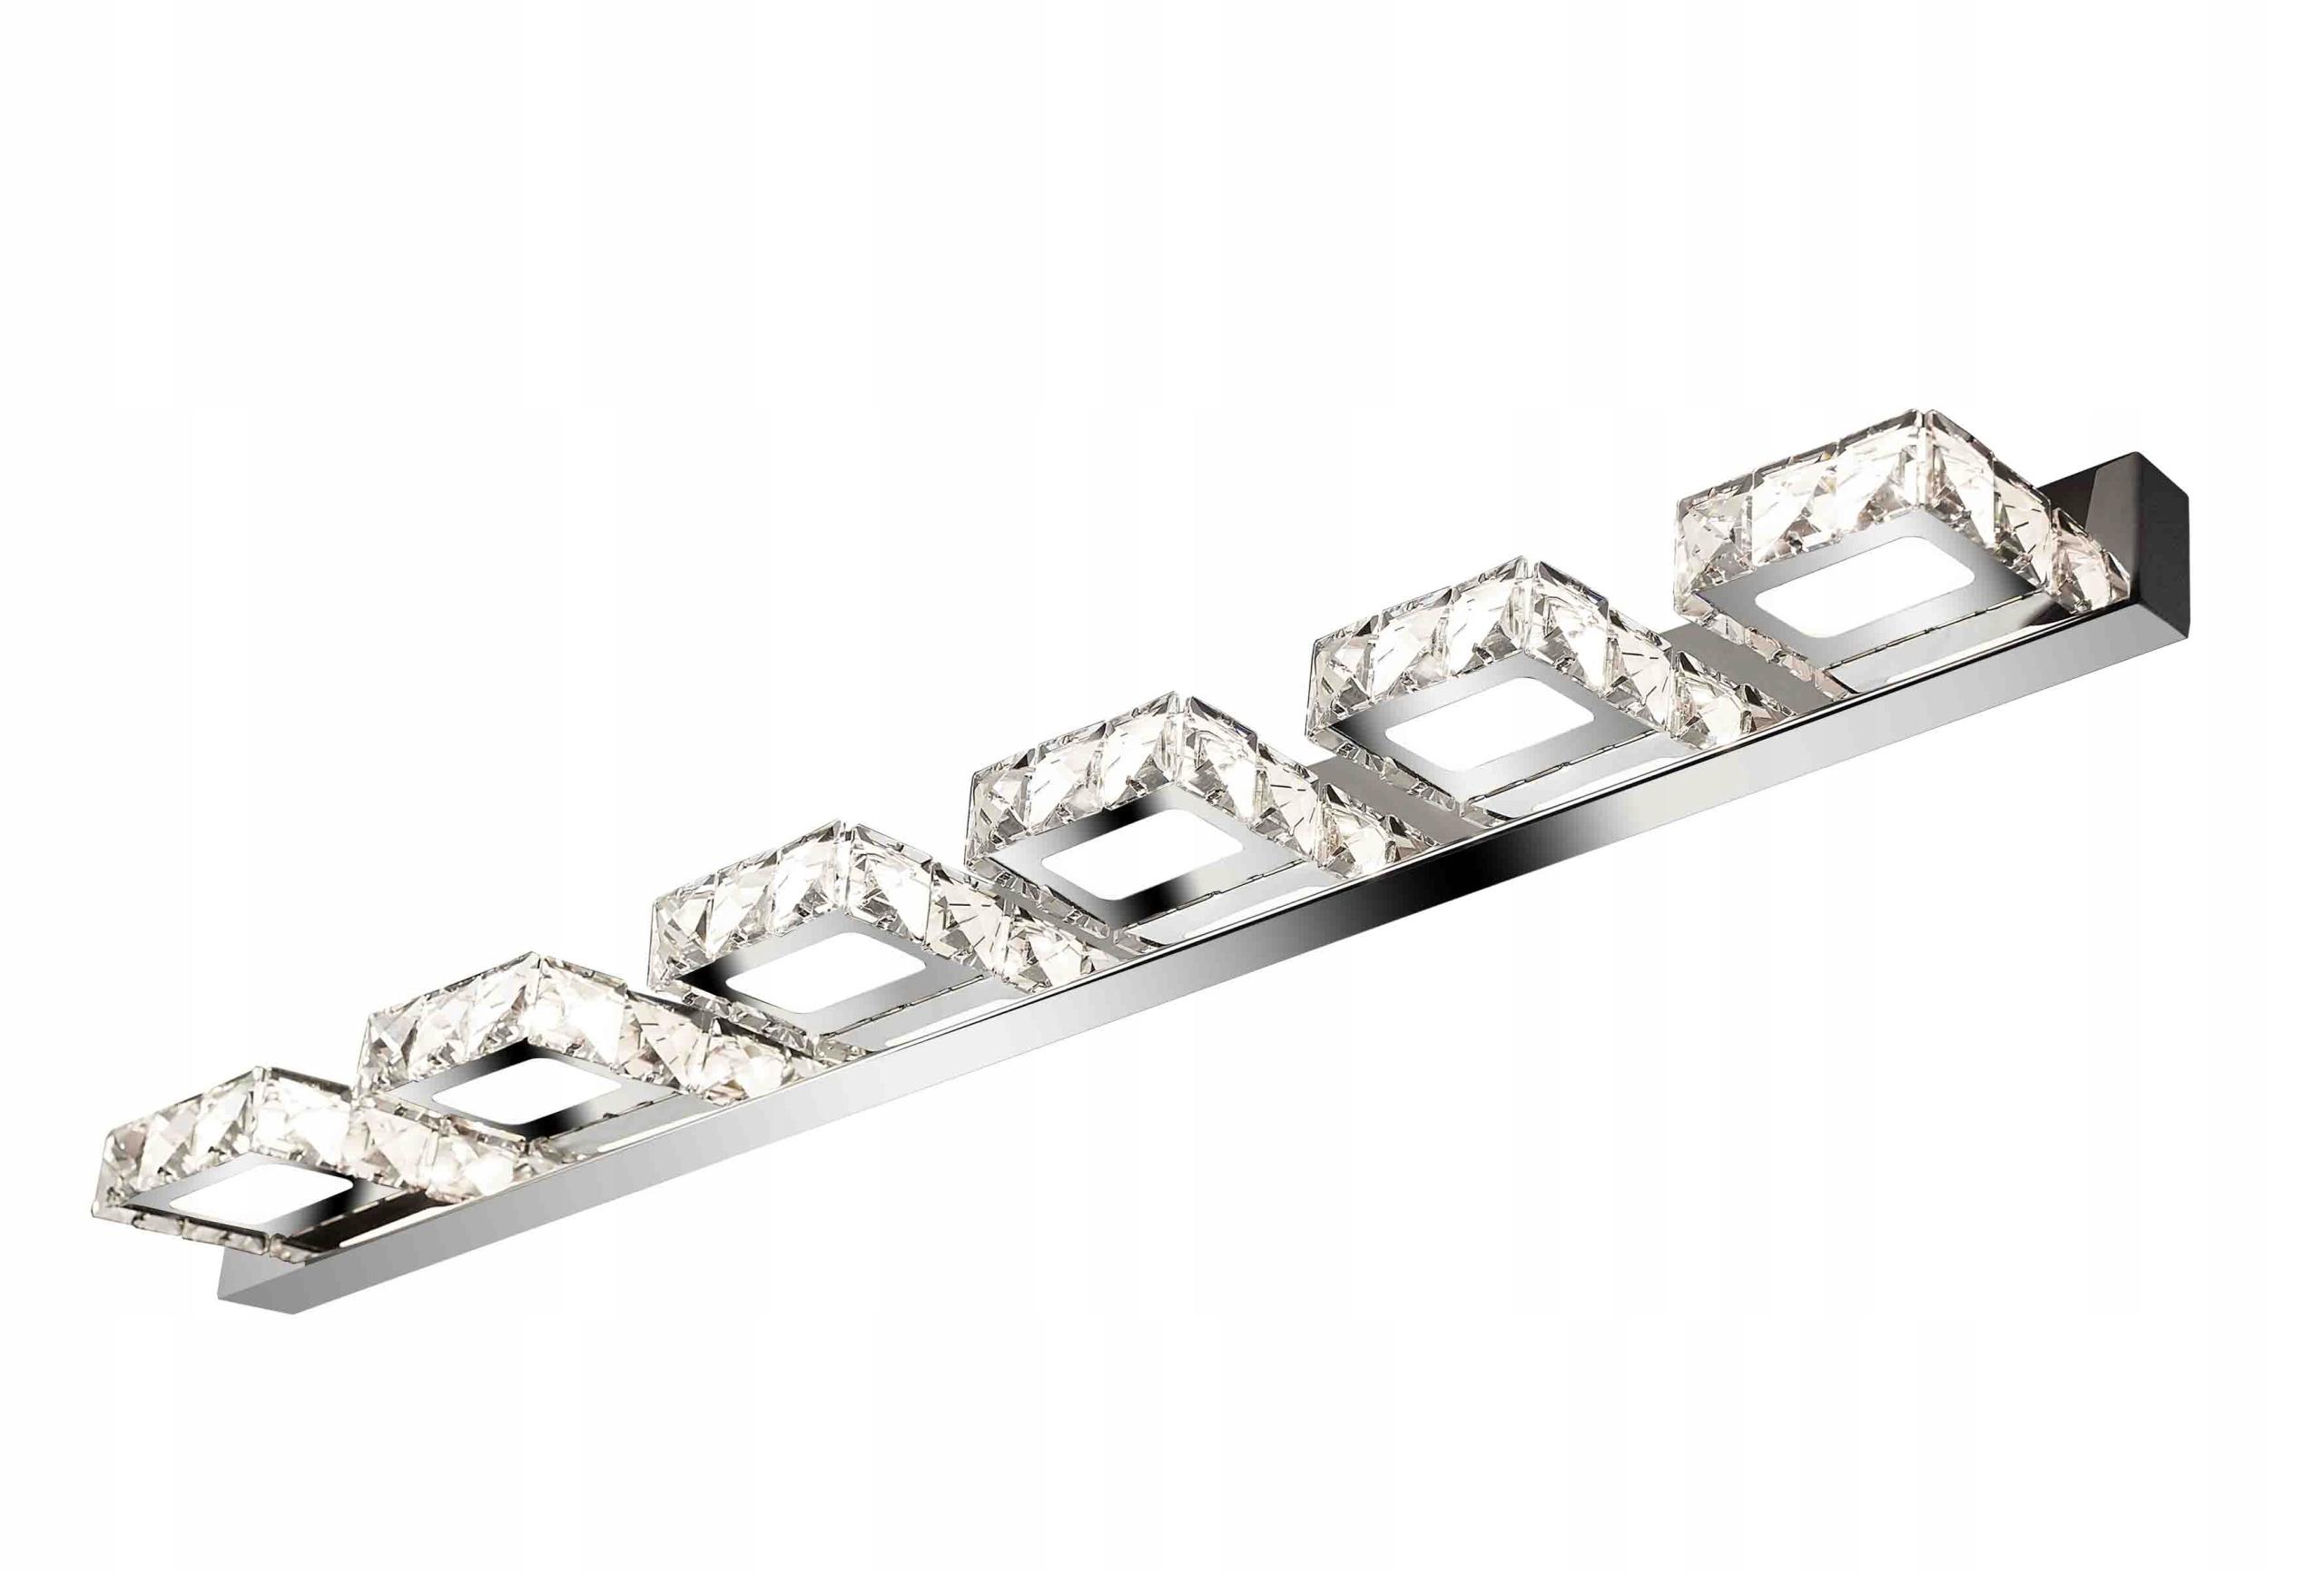 Blask szklanych kryształków glamour - kinkiet WOBAKO Meteor VI  104cm, lampa nad lustro do łazienki